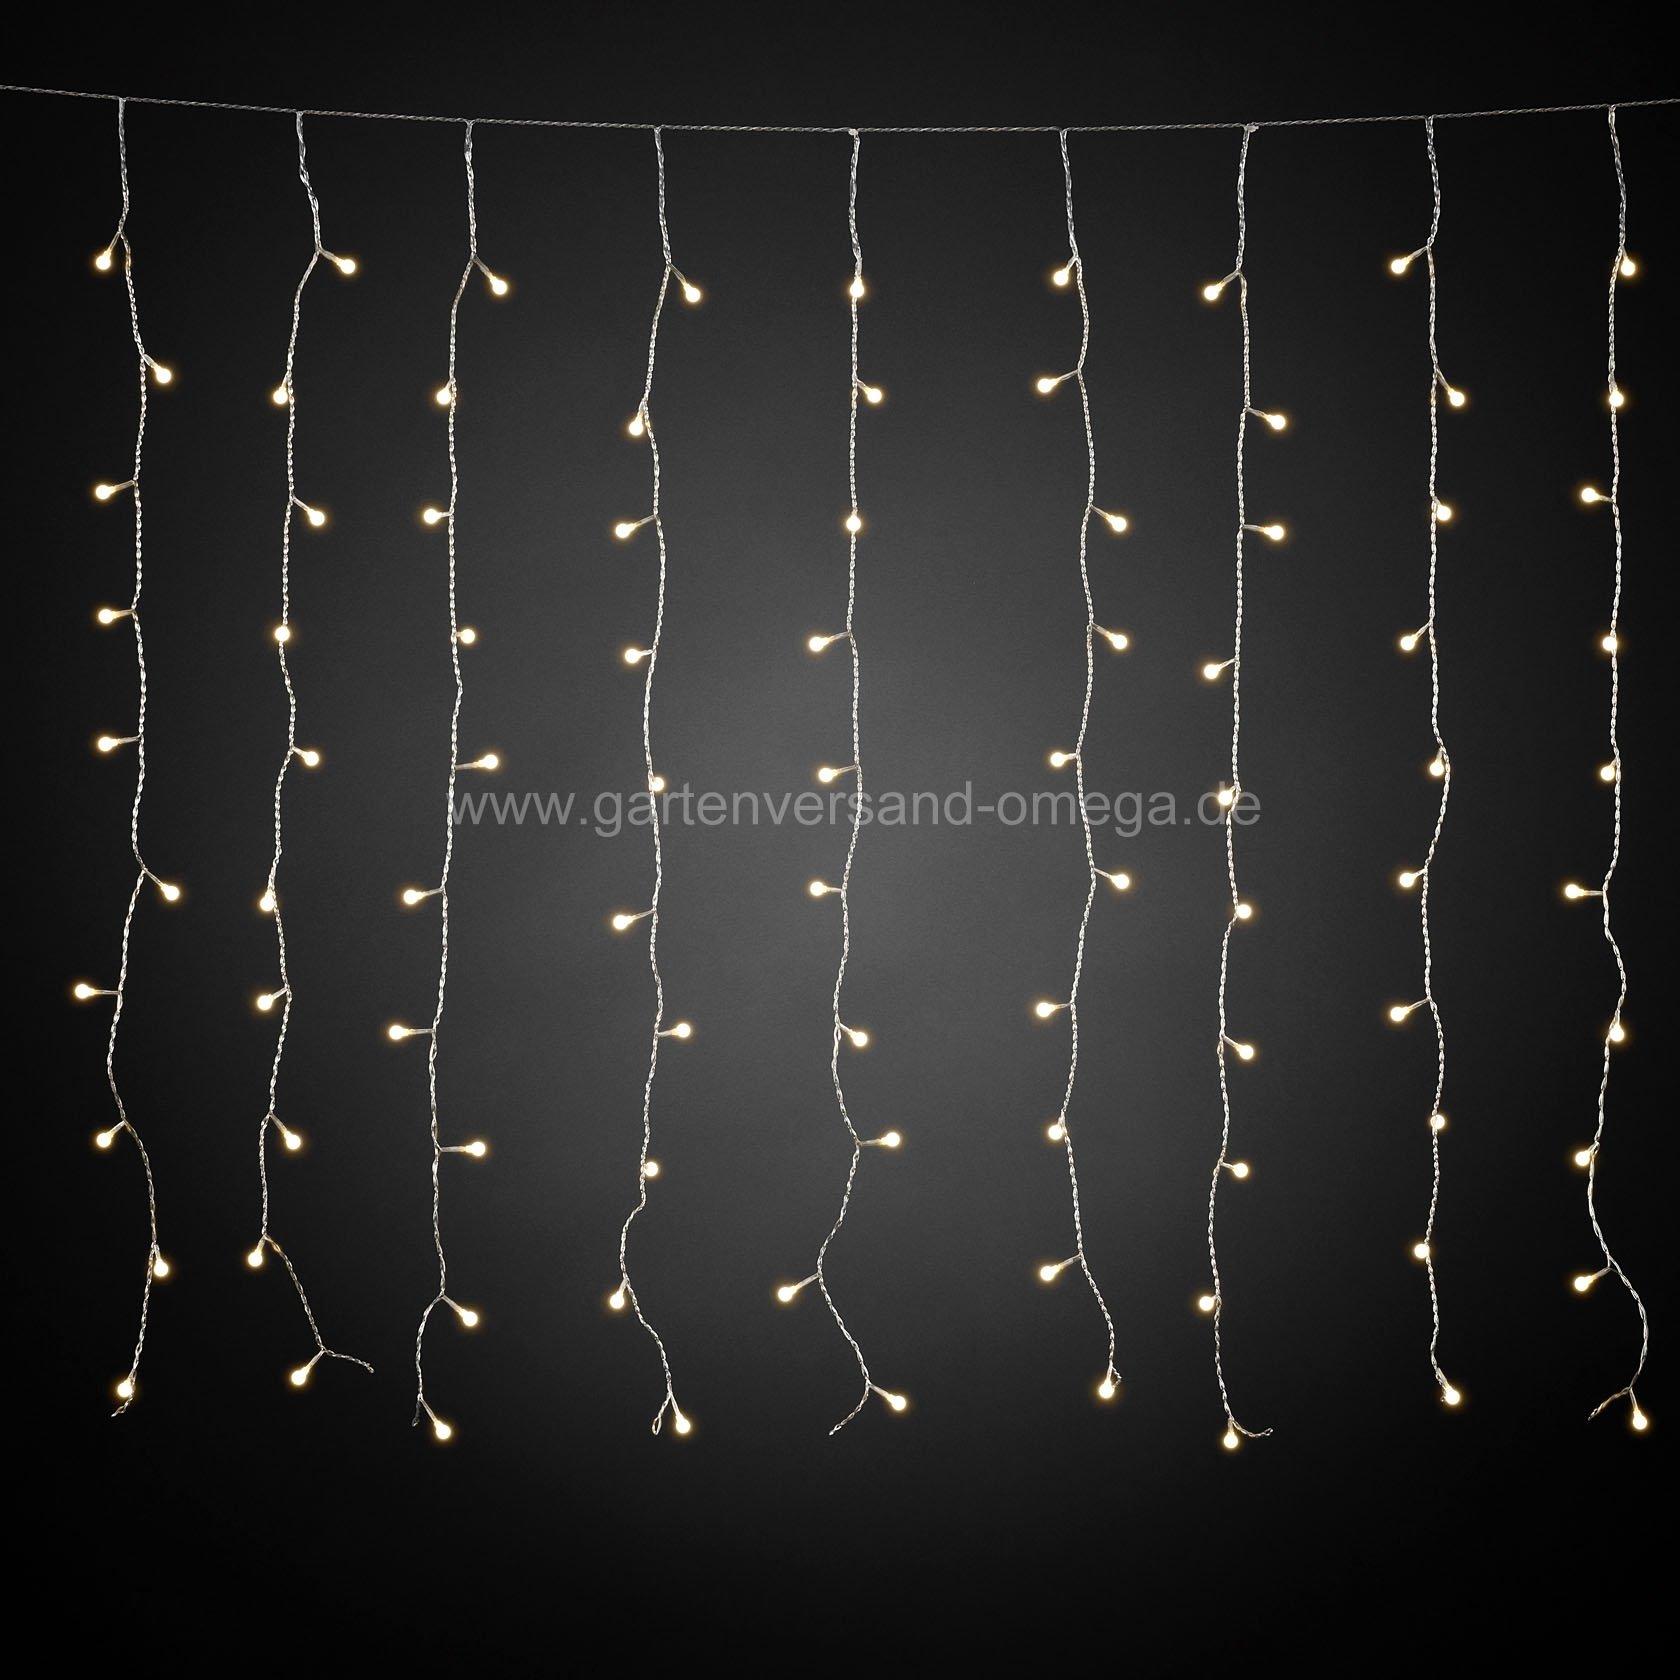 Led Fenster Weihnachtsbeleuchtung.Led Lichtervorhang Mit Weißen Globes Lichterkette Für Dachrinnen